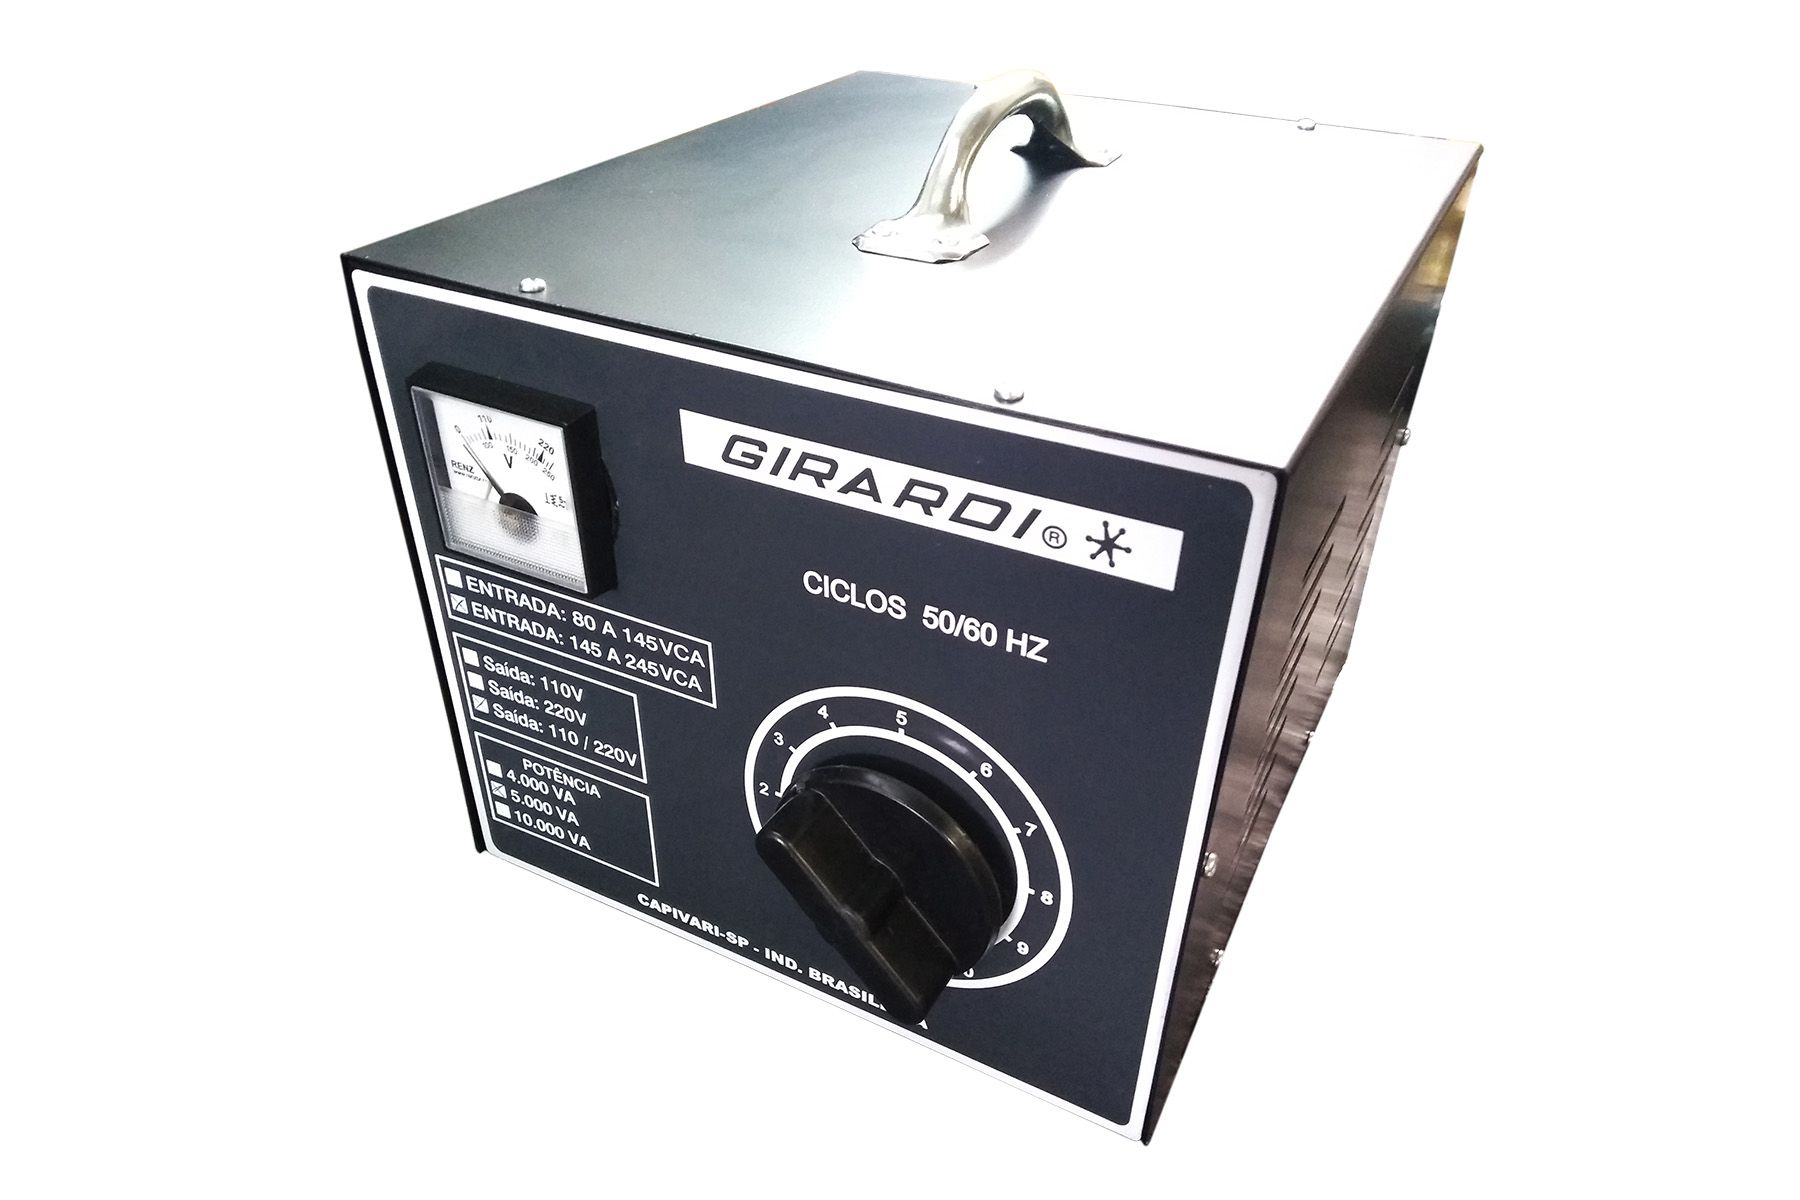 Regulador Manual De Tensão / Voltagem Girardi 7500 VA Entrada 220 Saída Bivolt